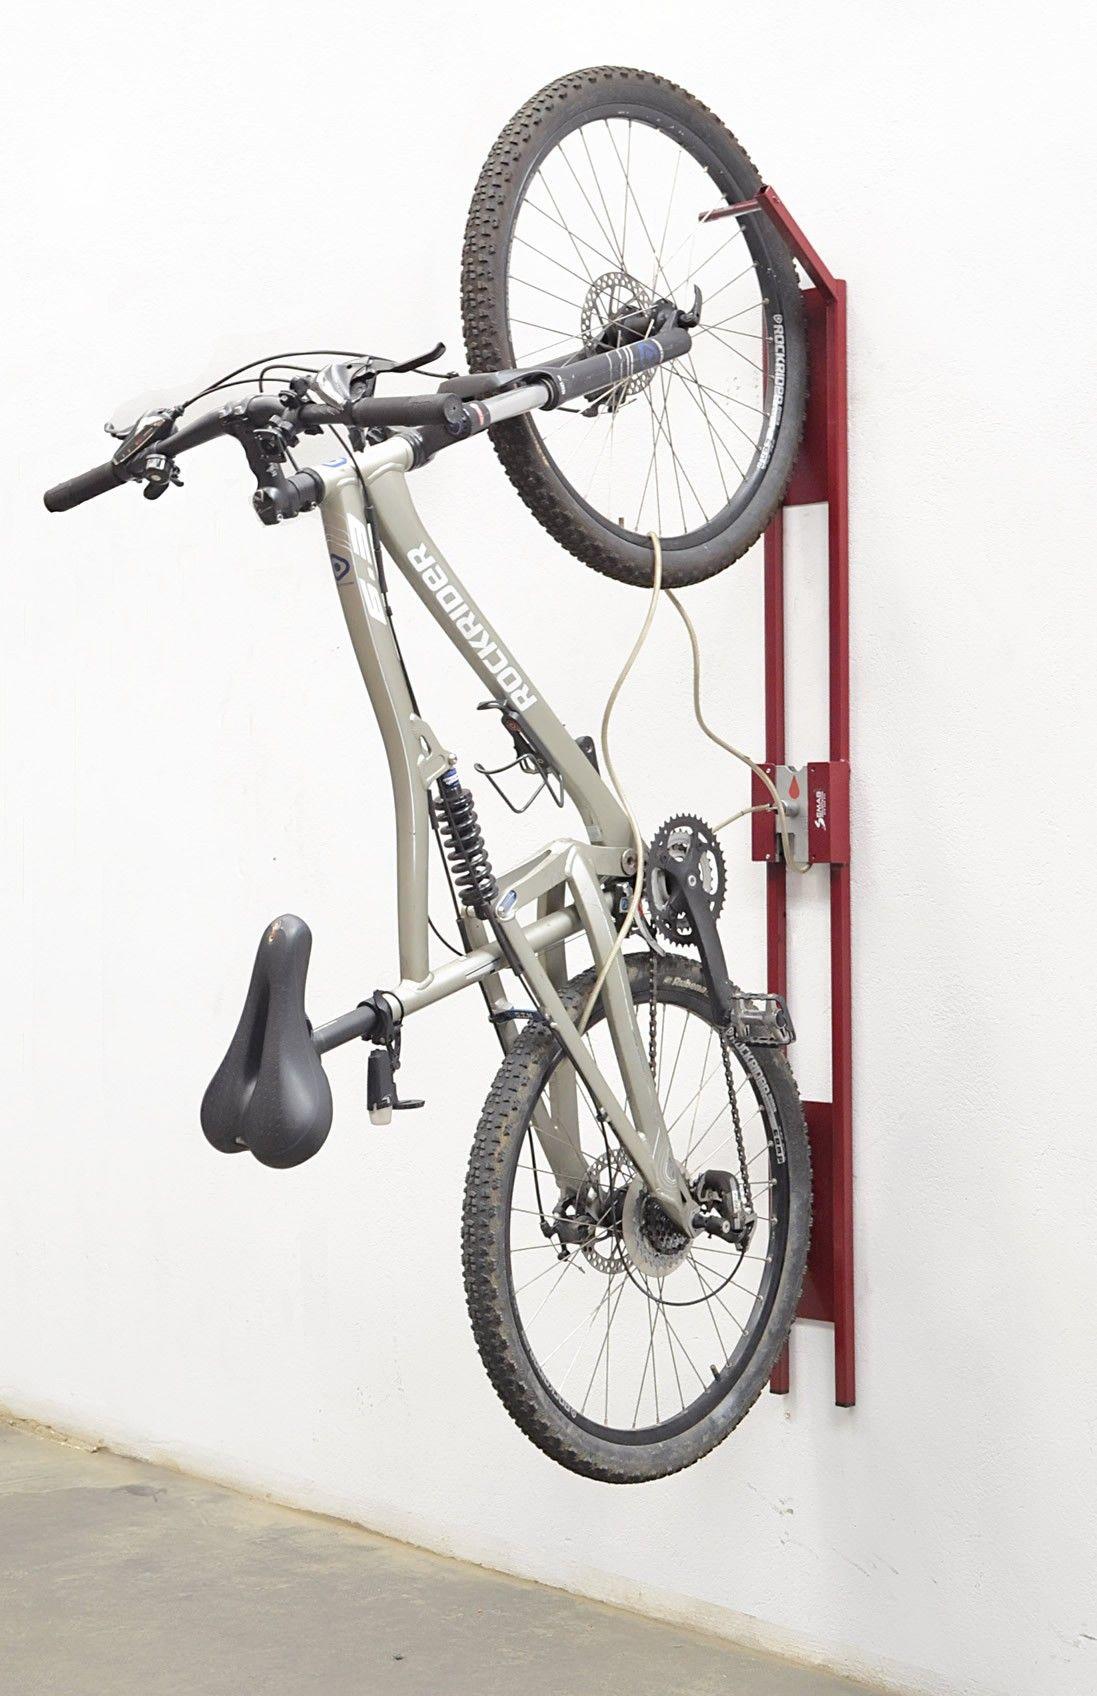 Fahrrad Wandaufhangung Vertikal Fahrradkeller